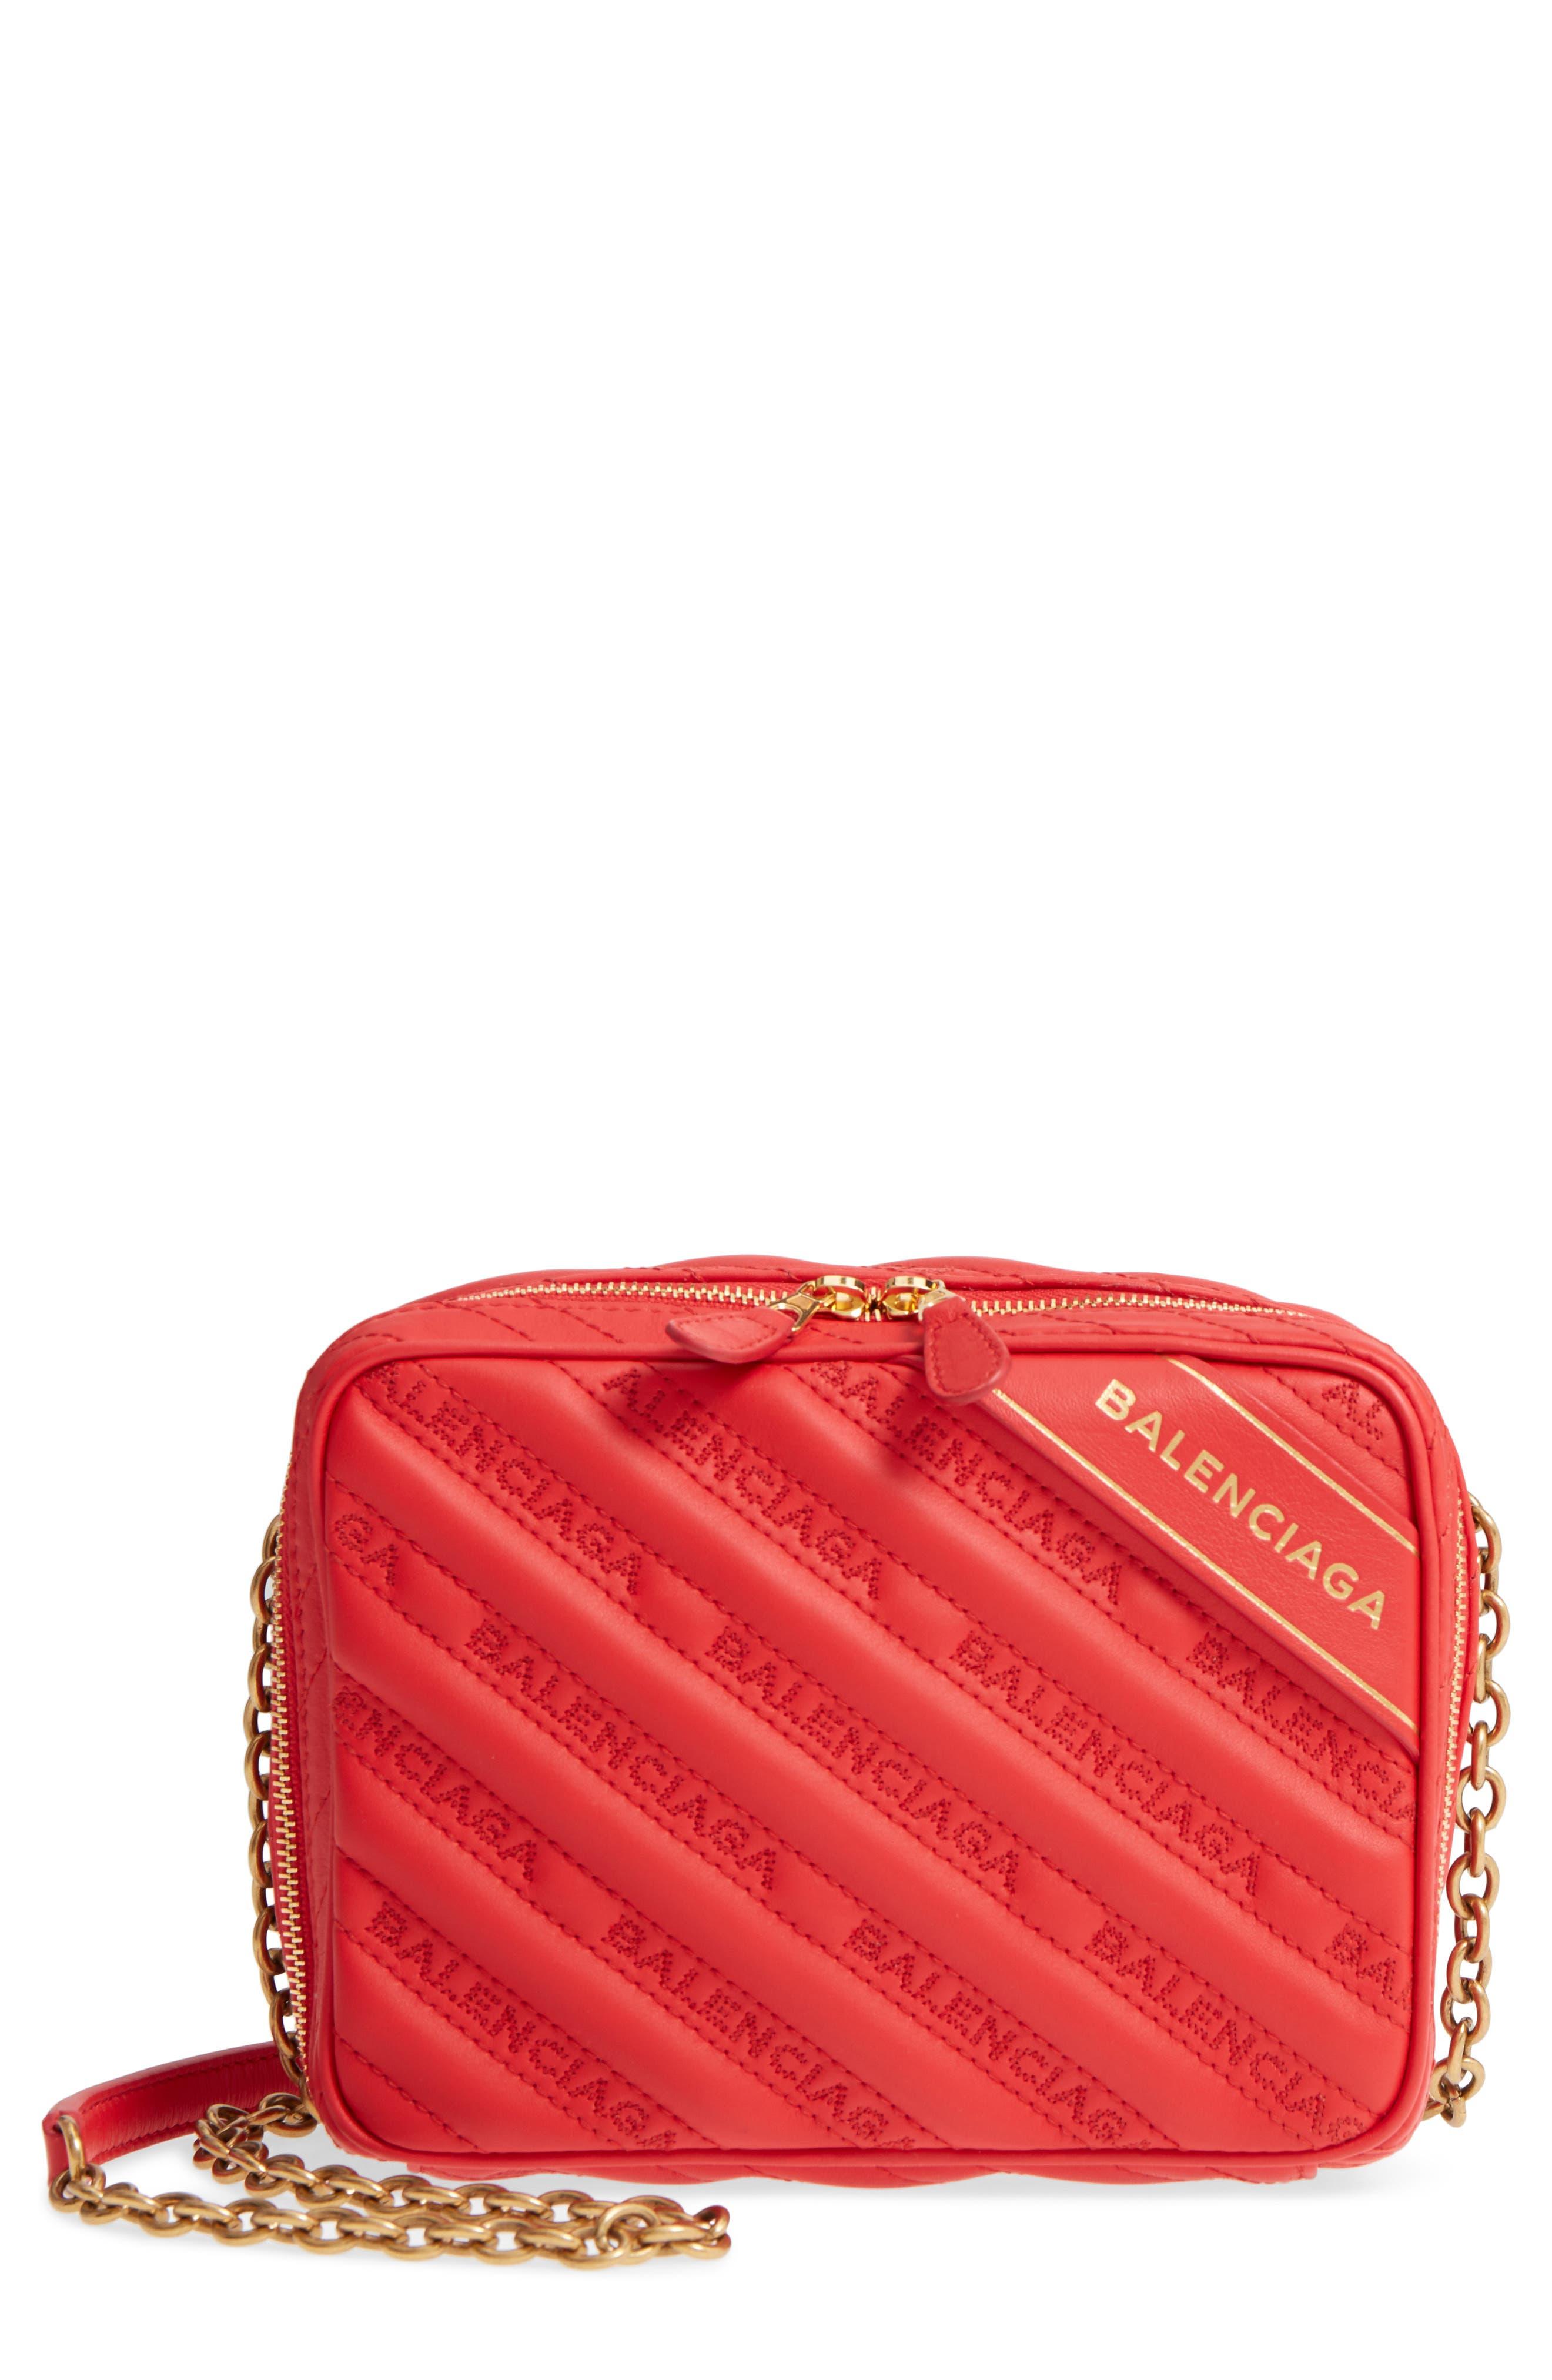 Balenciaga Extra Small Blanket Reporter Crossbody Bag